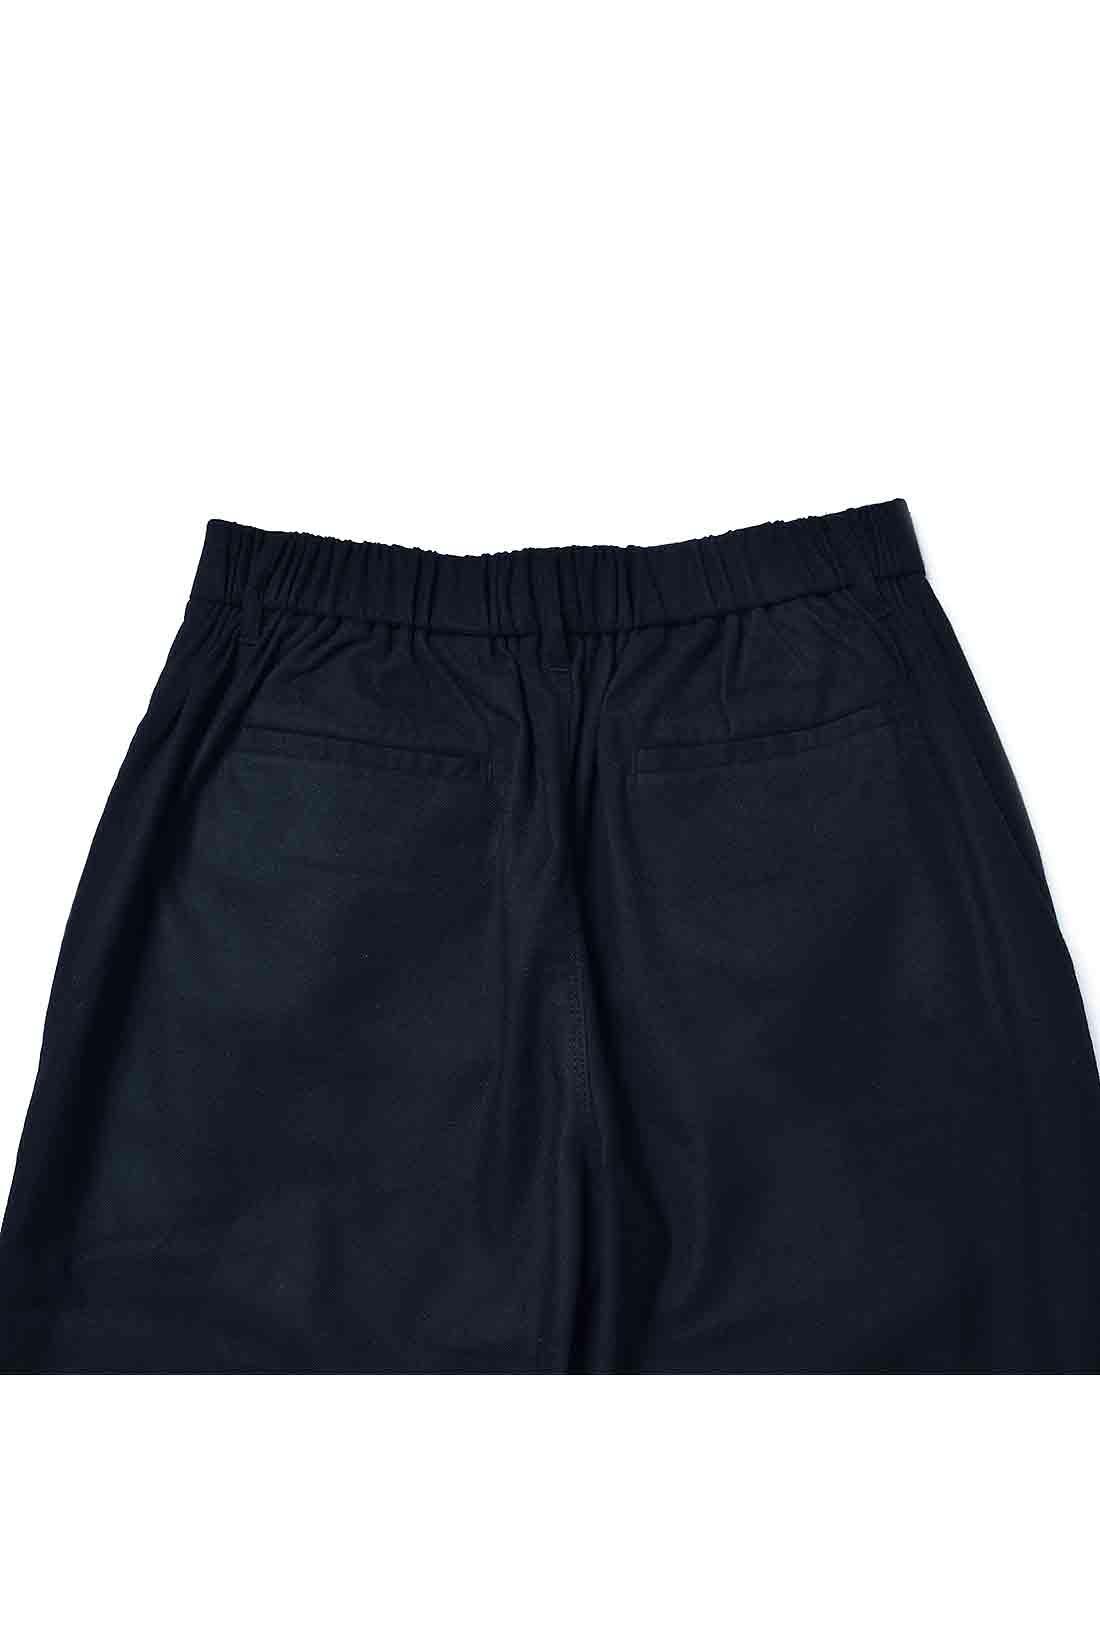 すっきり見えるスラックス風ポケットと、動きやすい後ろゴム仕様を採用。